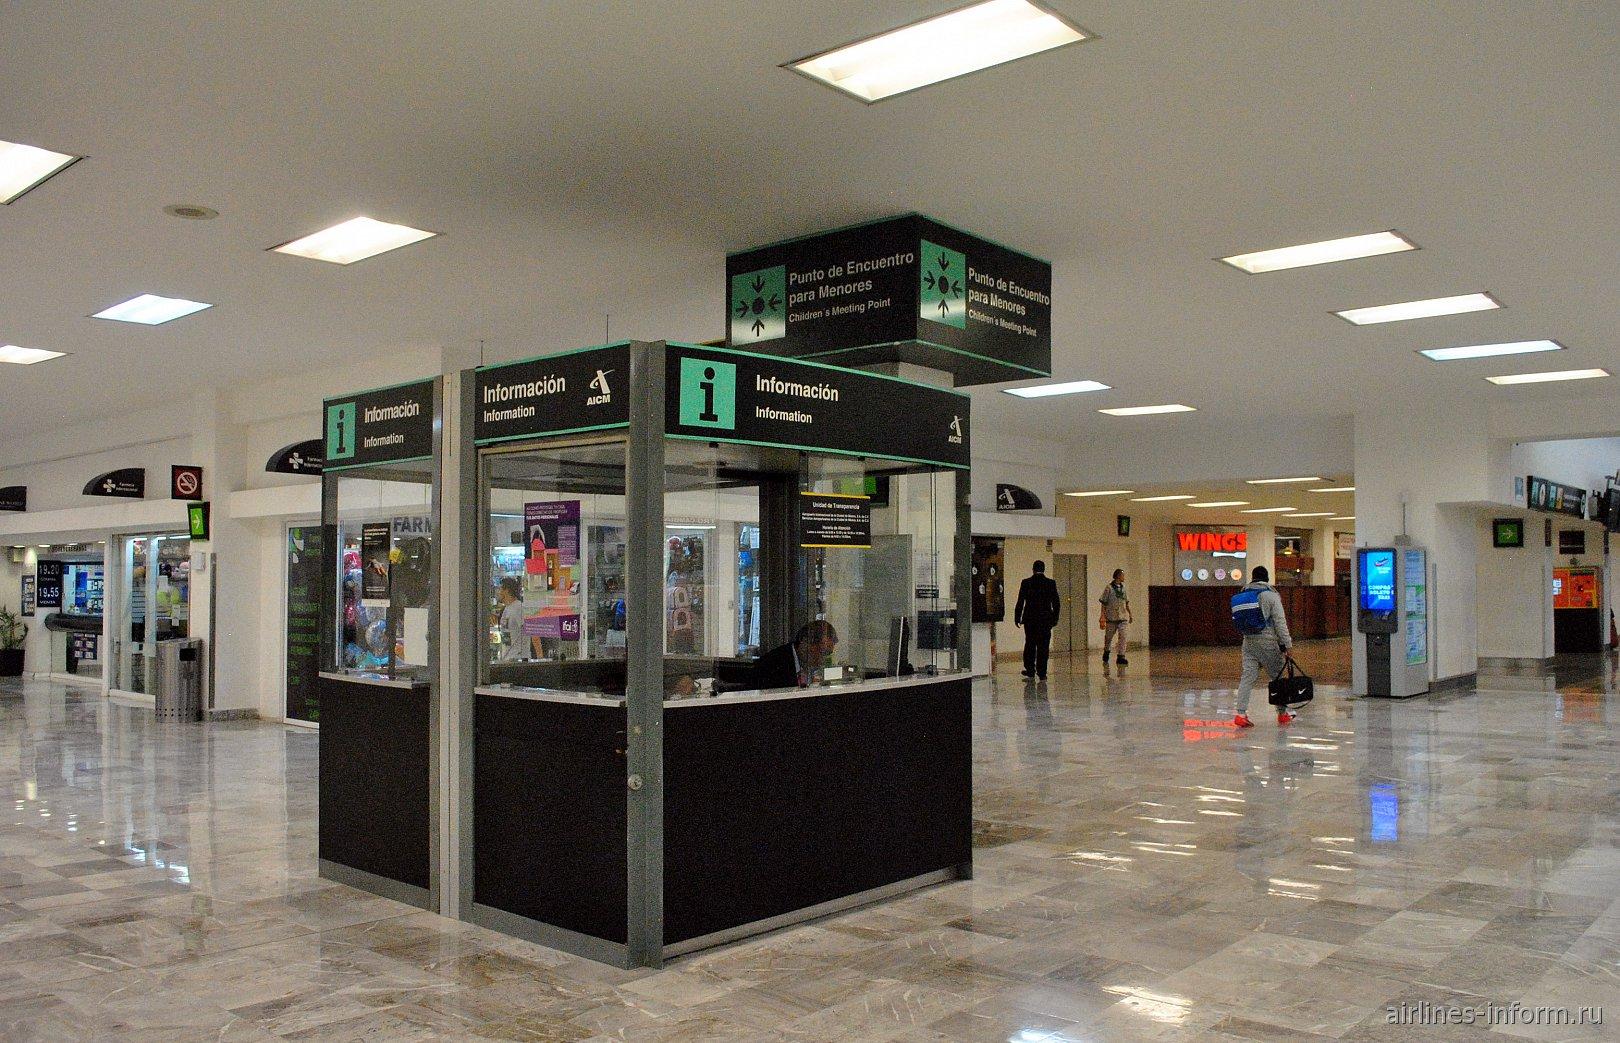 Информационный киоск в терминале Т1 аэропорта Мехико Бенито Хуарес